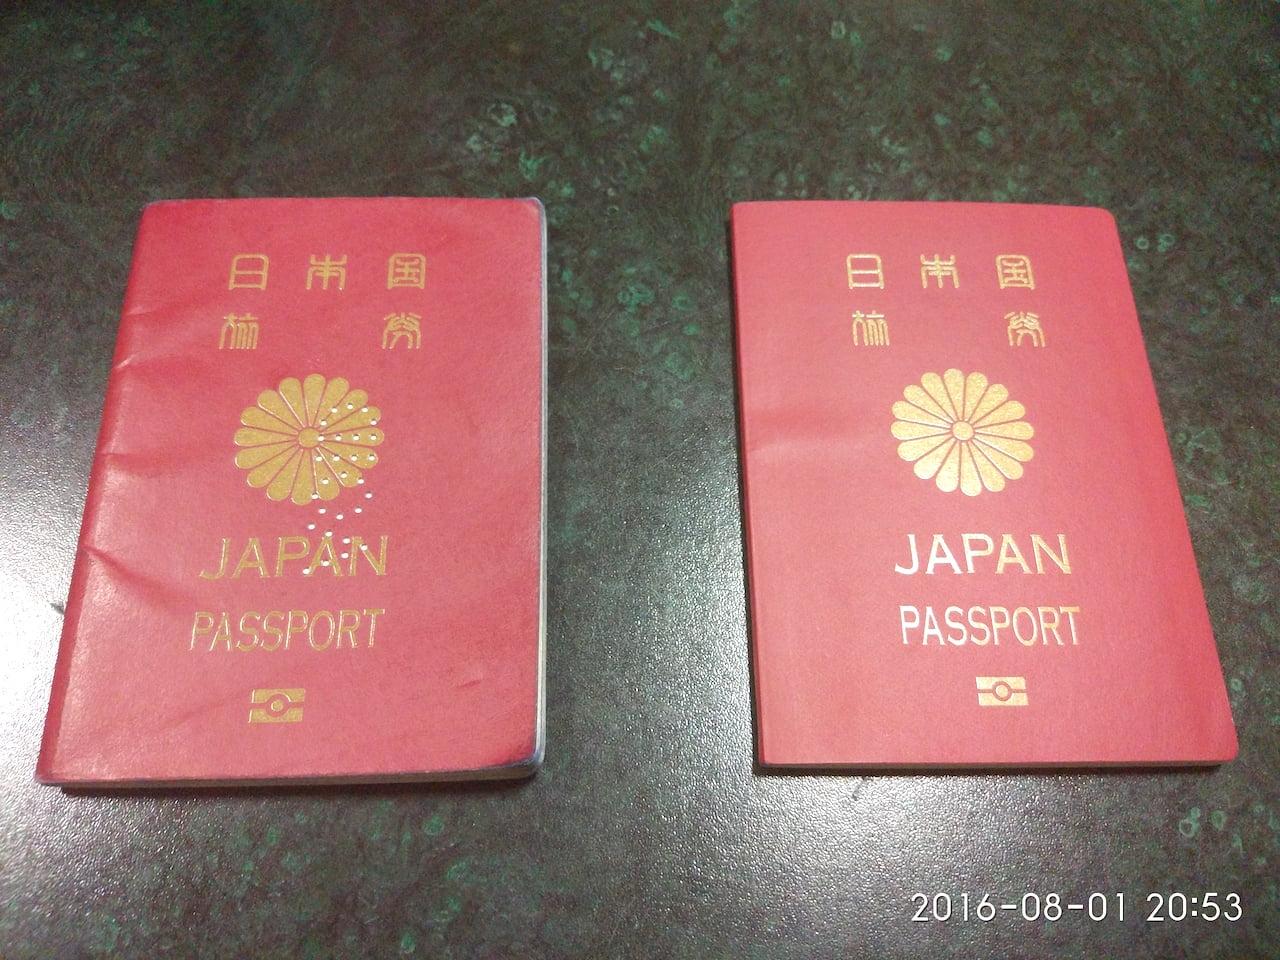 Double passport